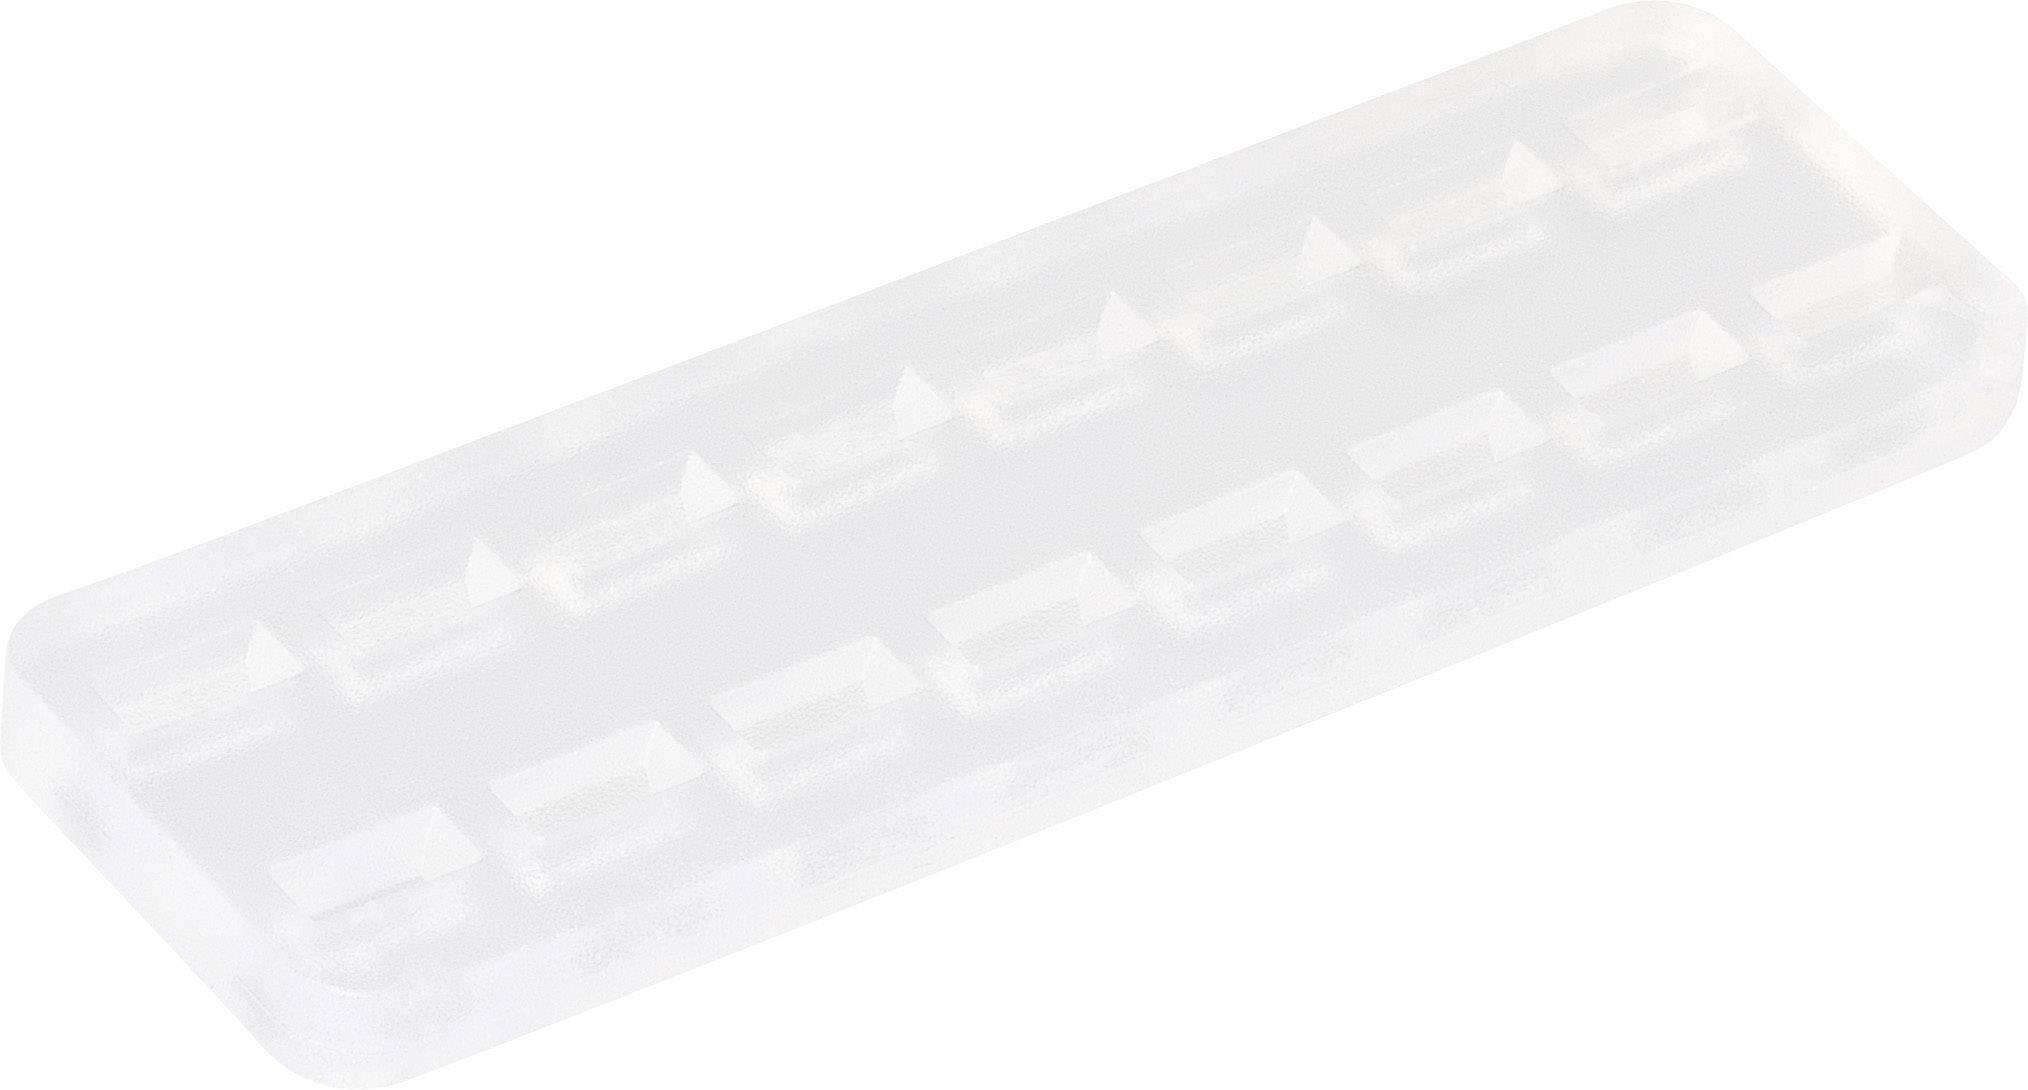 Těsnění pro J-P-T pouzdro TE Connectivity J-P-T (963209-1), přírodní